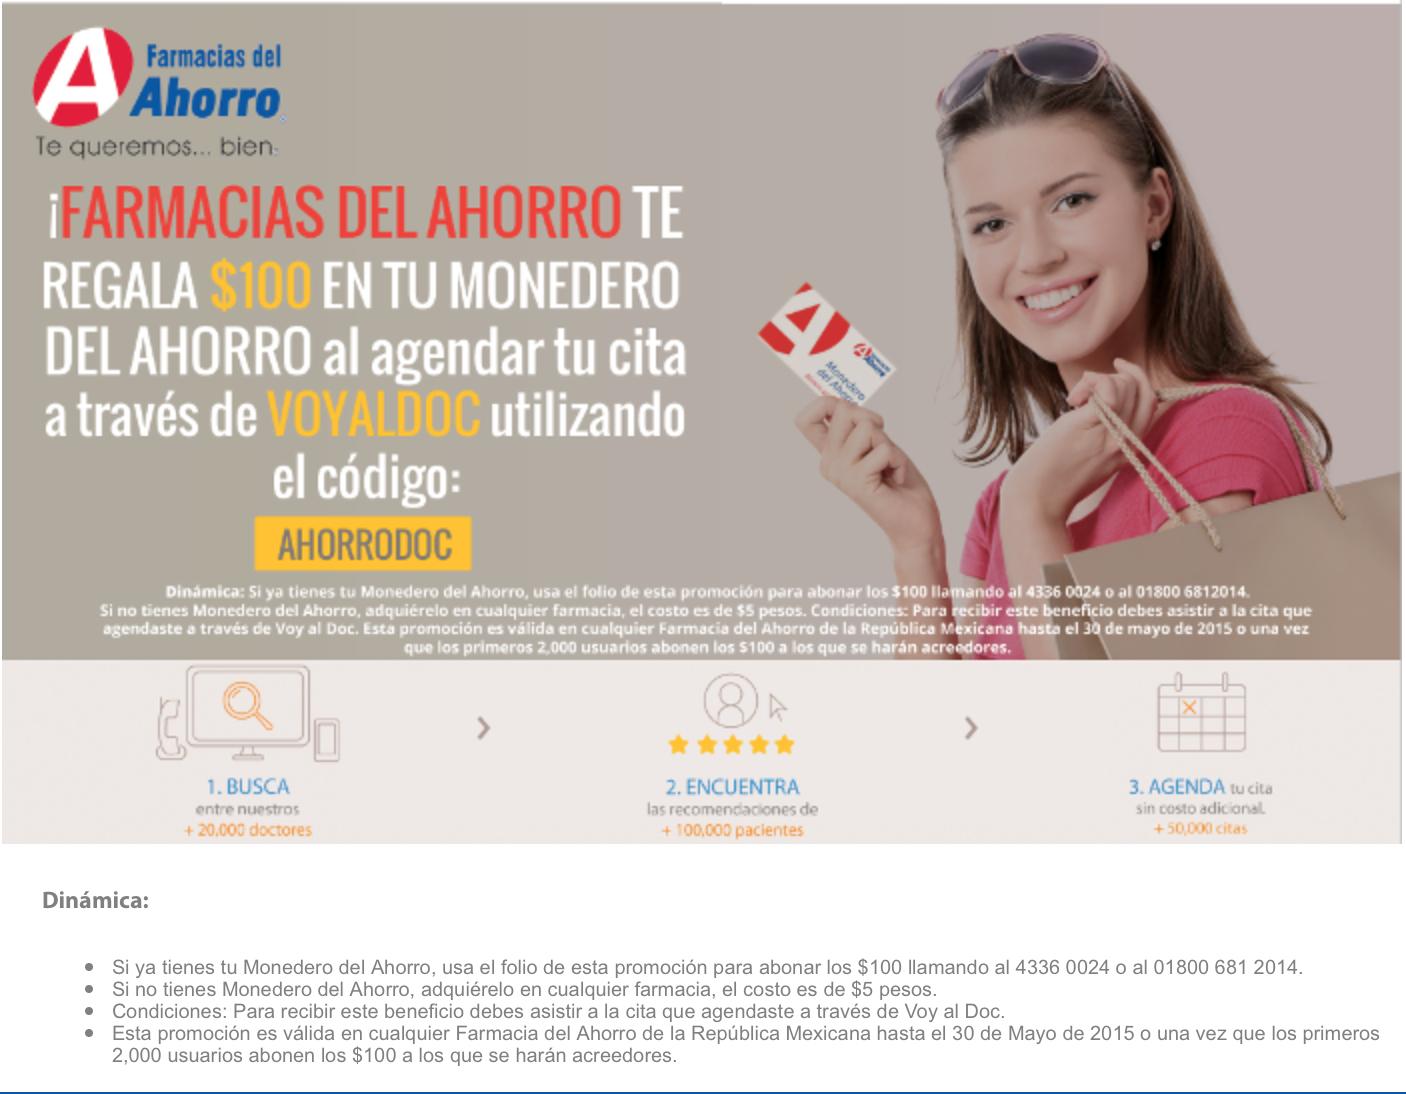 Farmacias del ahorro: $100.00 en monedero del ahorro al agendar cita en VOYALDOC